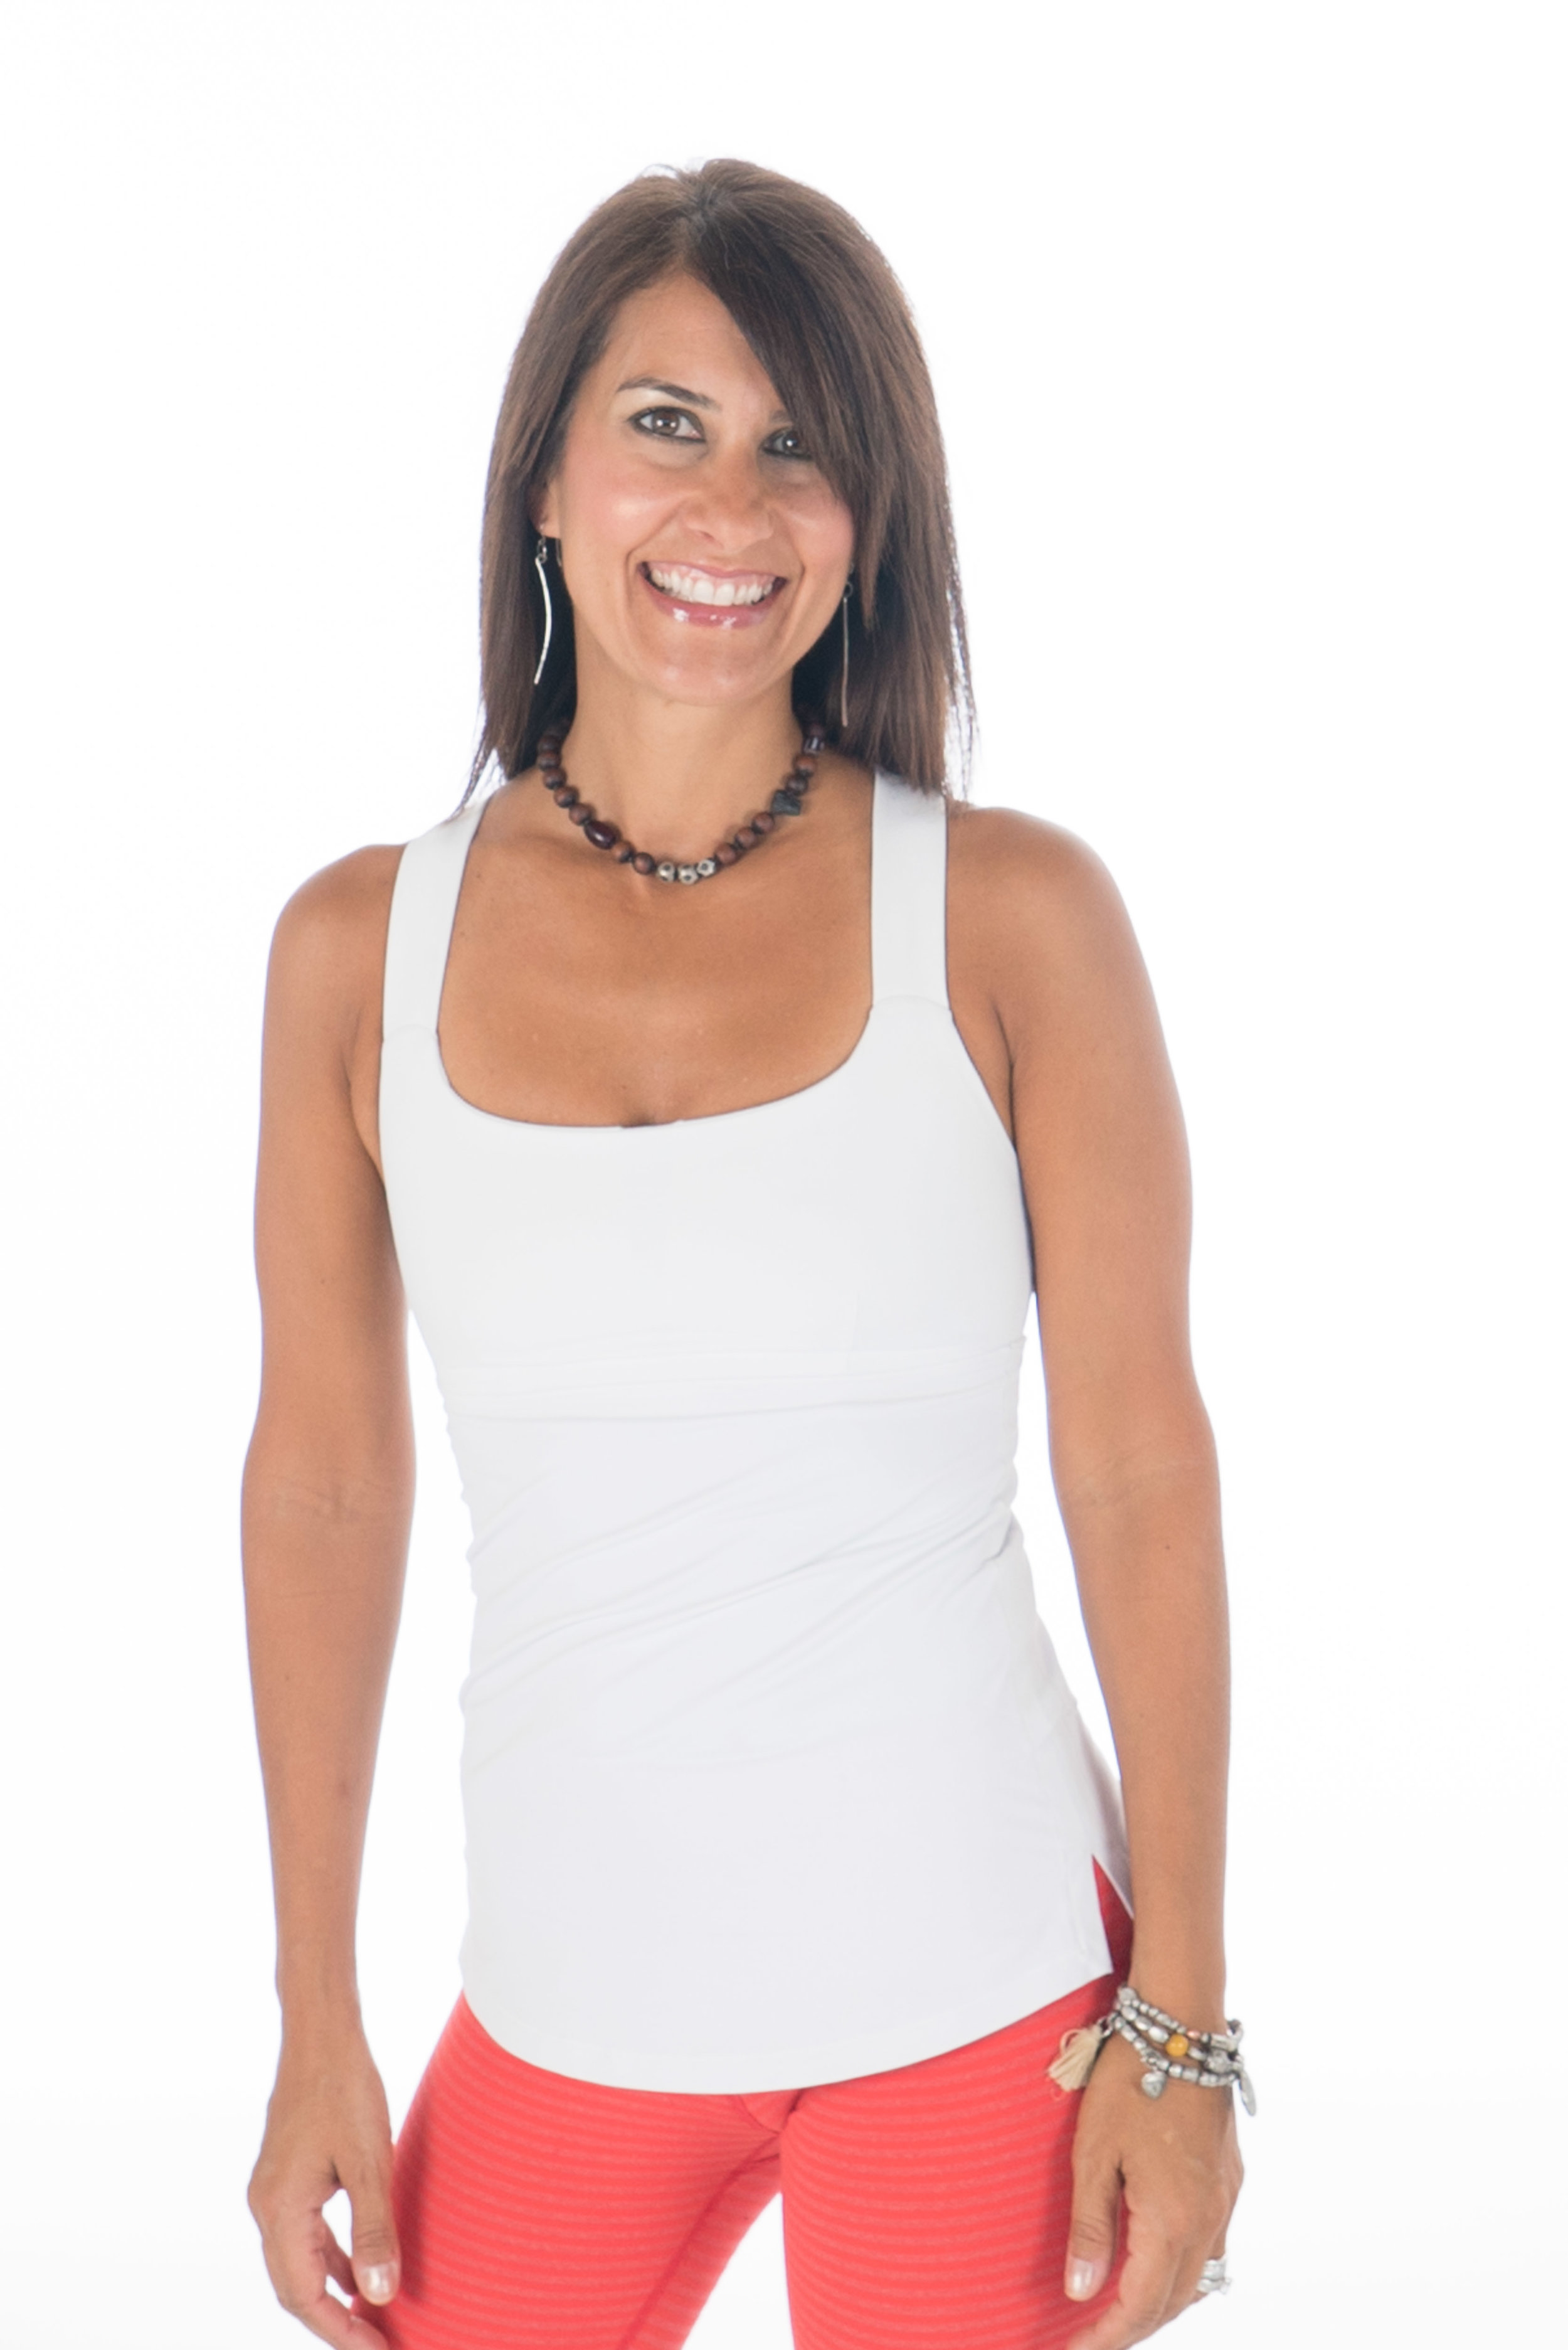 Michelle Hunt, New Vice President of Inner Bliss Yoga Studios